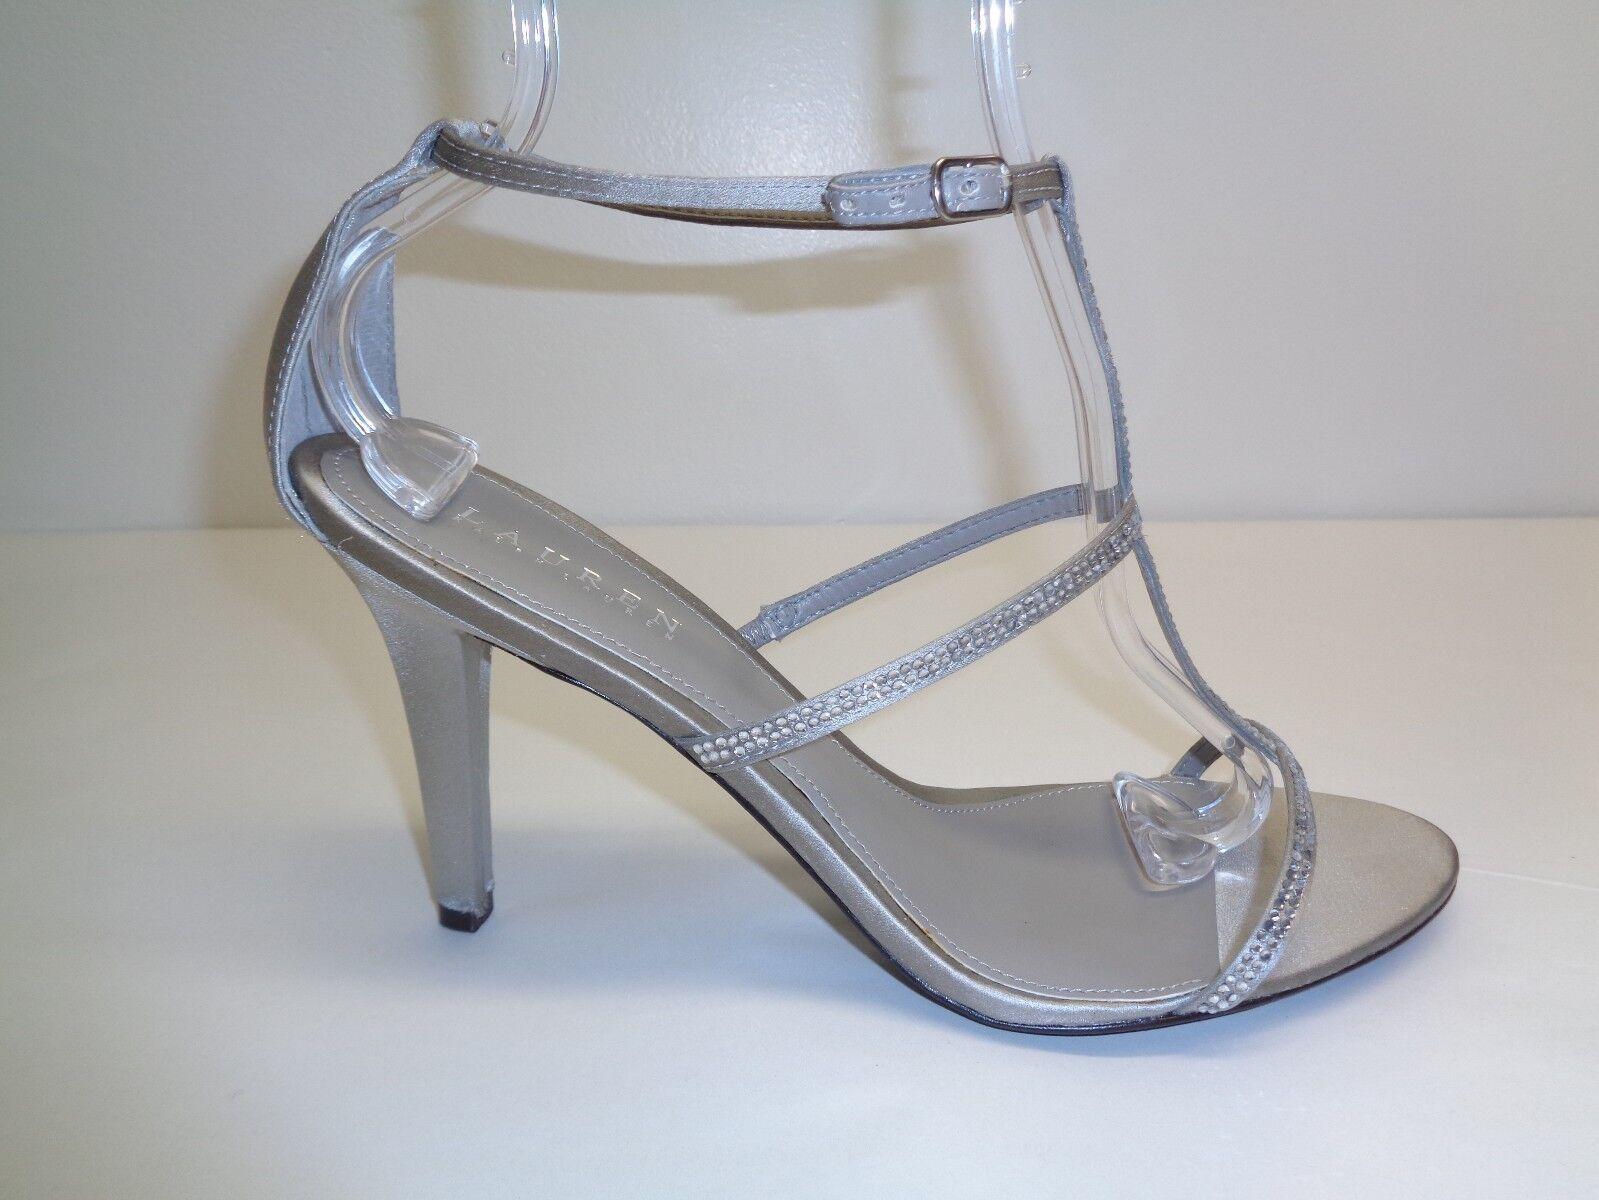 barato y de alta calidad Ralph Lauren M Aida gris Satinado Nuevos Nuevos Nuevos Mujer Zapatos Sandalias De Pedrería  ahorra hasta un 50%